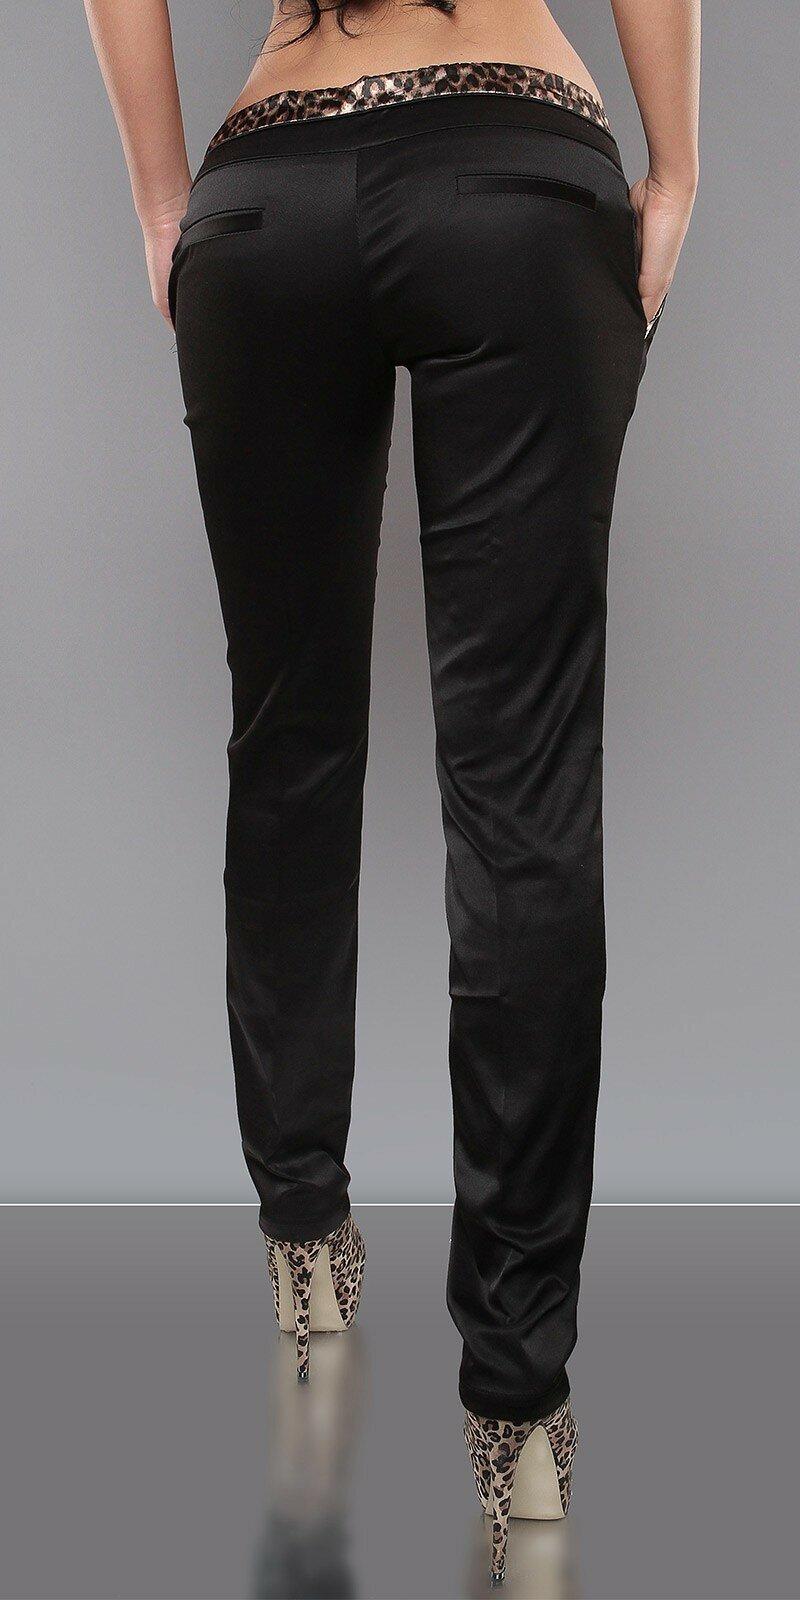 Štýlové spoločenské nohavice s leopardími vzormi